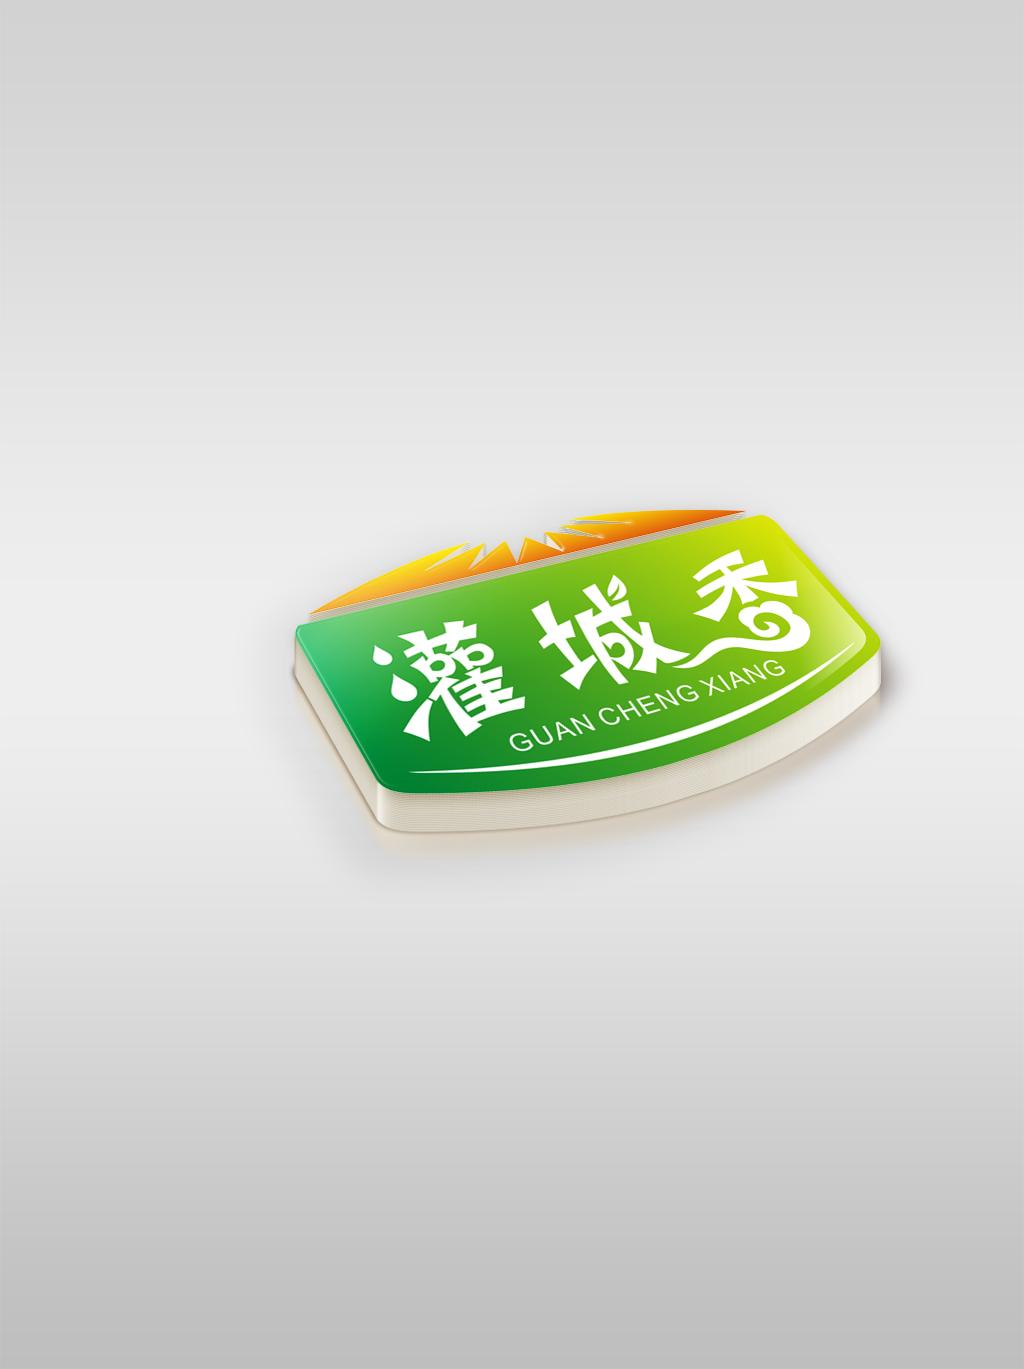 LOGO创意设计,品牌:灌城香_3033638_k68威客网